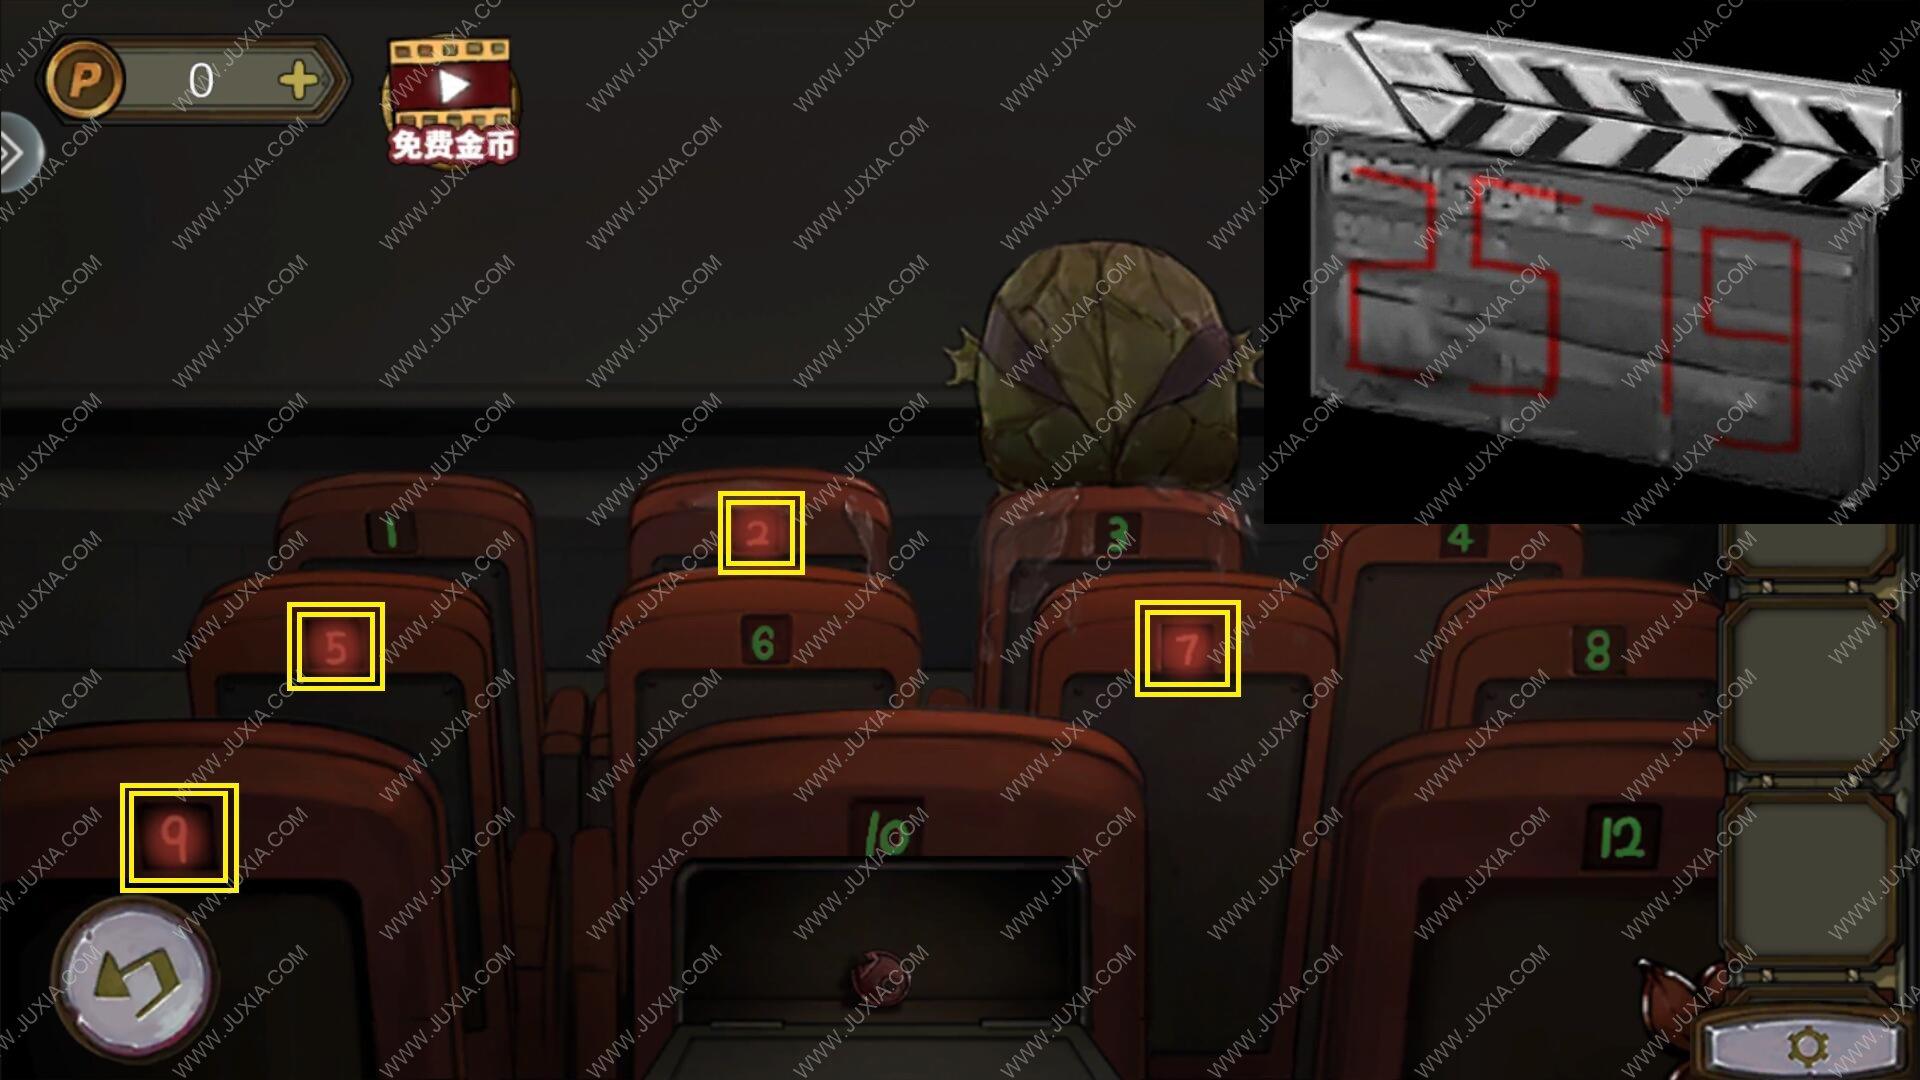 密室逃脱绝境系列10寻梦大作战攻略 第五章菱形宝石攻略